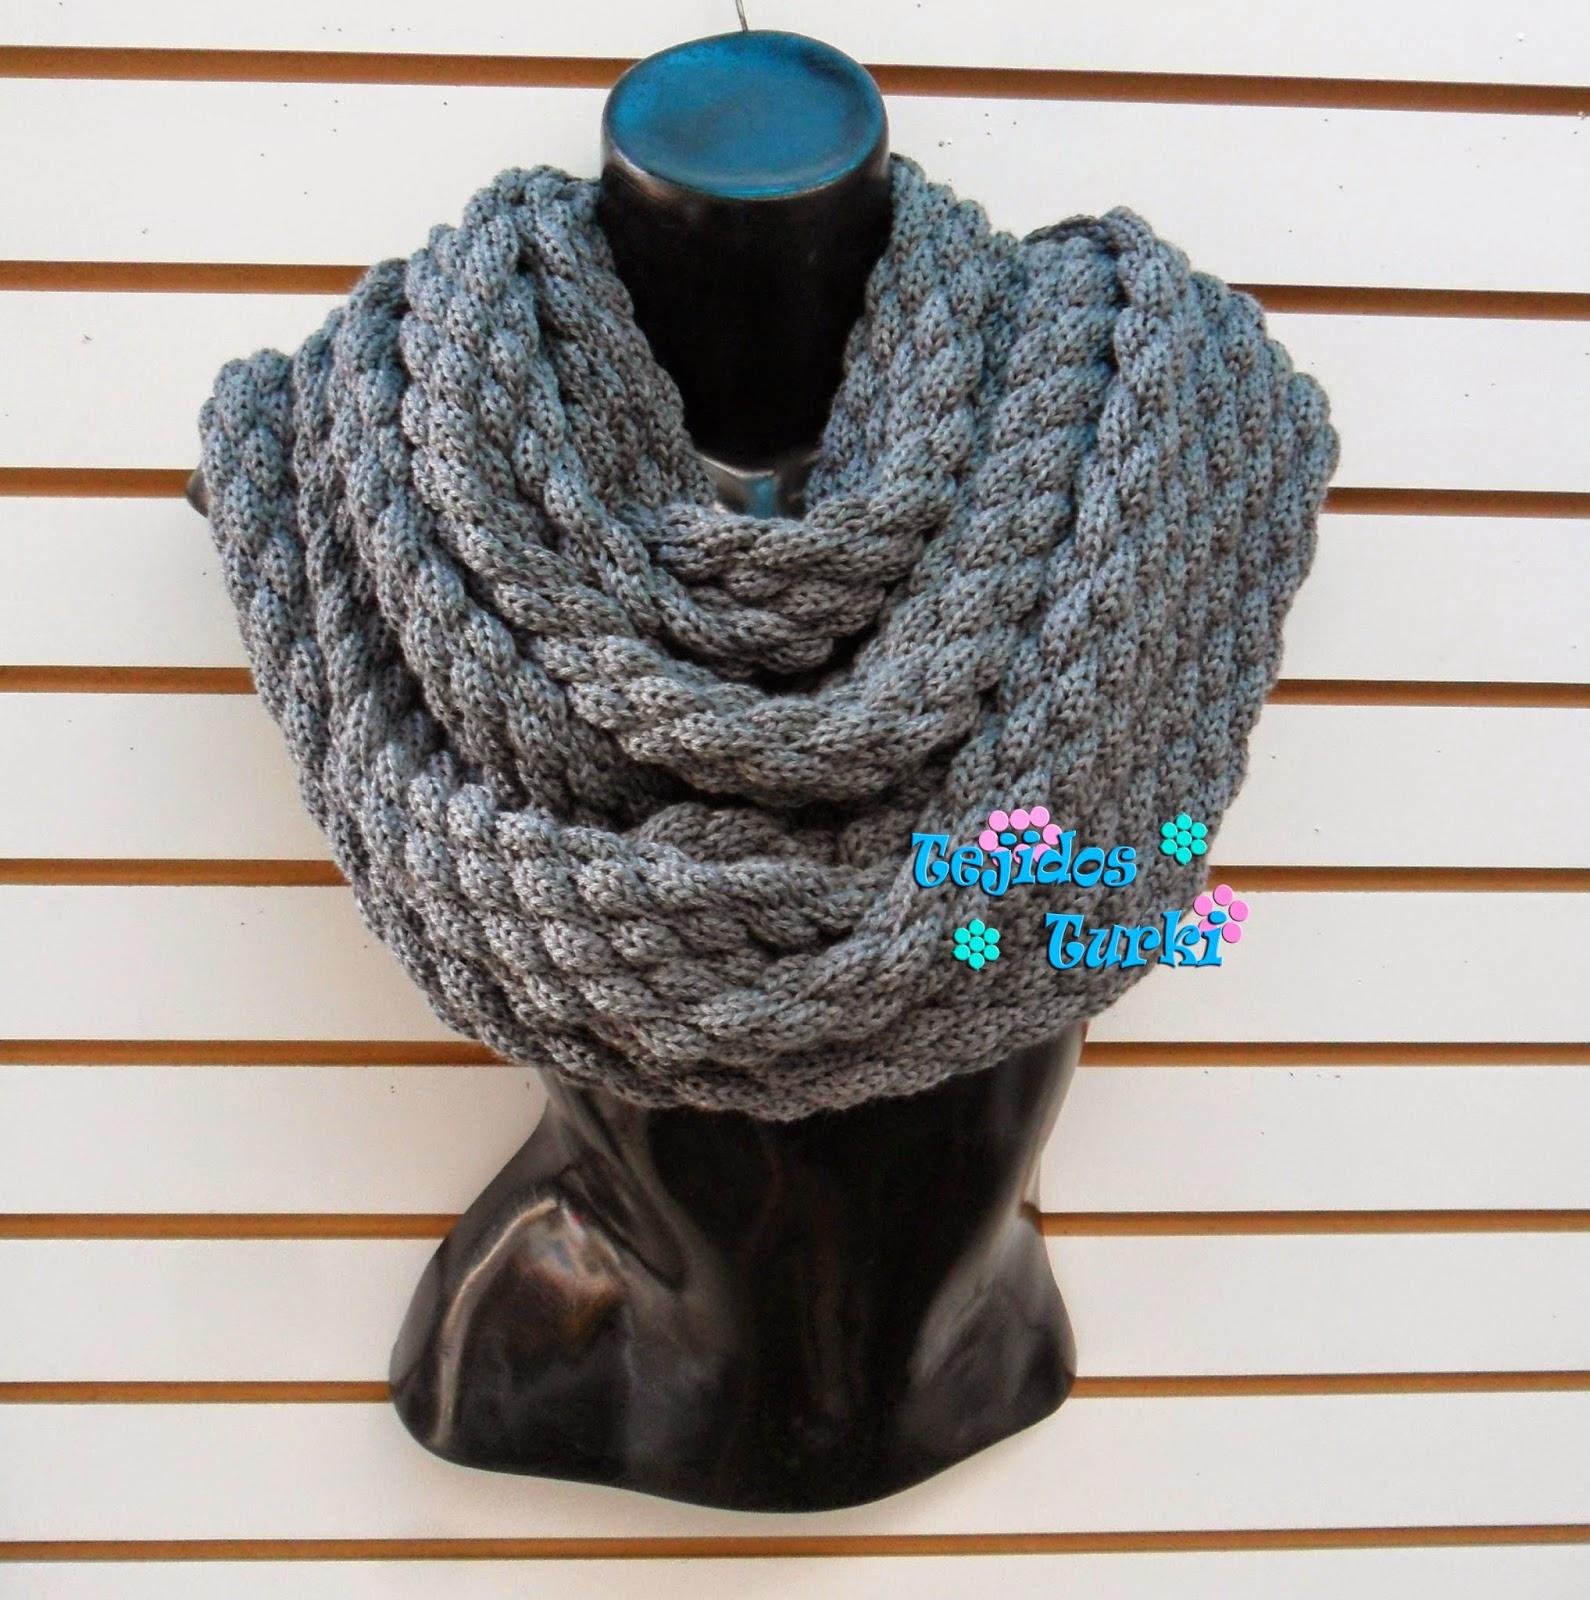 Las bufandas tejidas a crochet son un clásico que está de moda. Entra en la web y descubre las mejores bufandas tejidas a crochet en tiendas online. Encuentra este Pin y muchos más en Crochet, palitos, telar, de Judith Fernandez de Miloslavic.